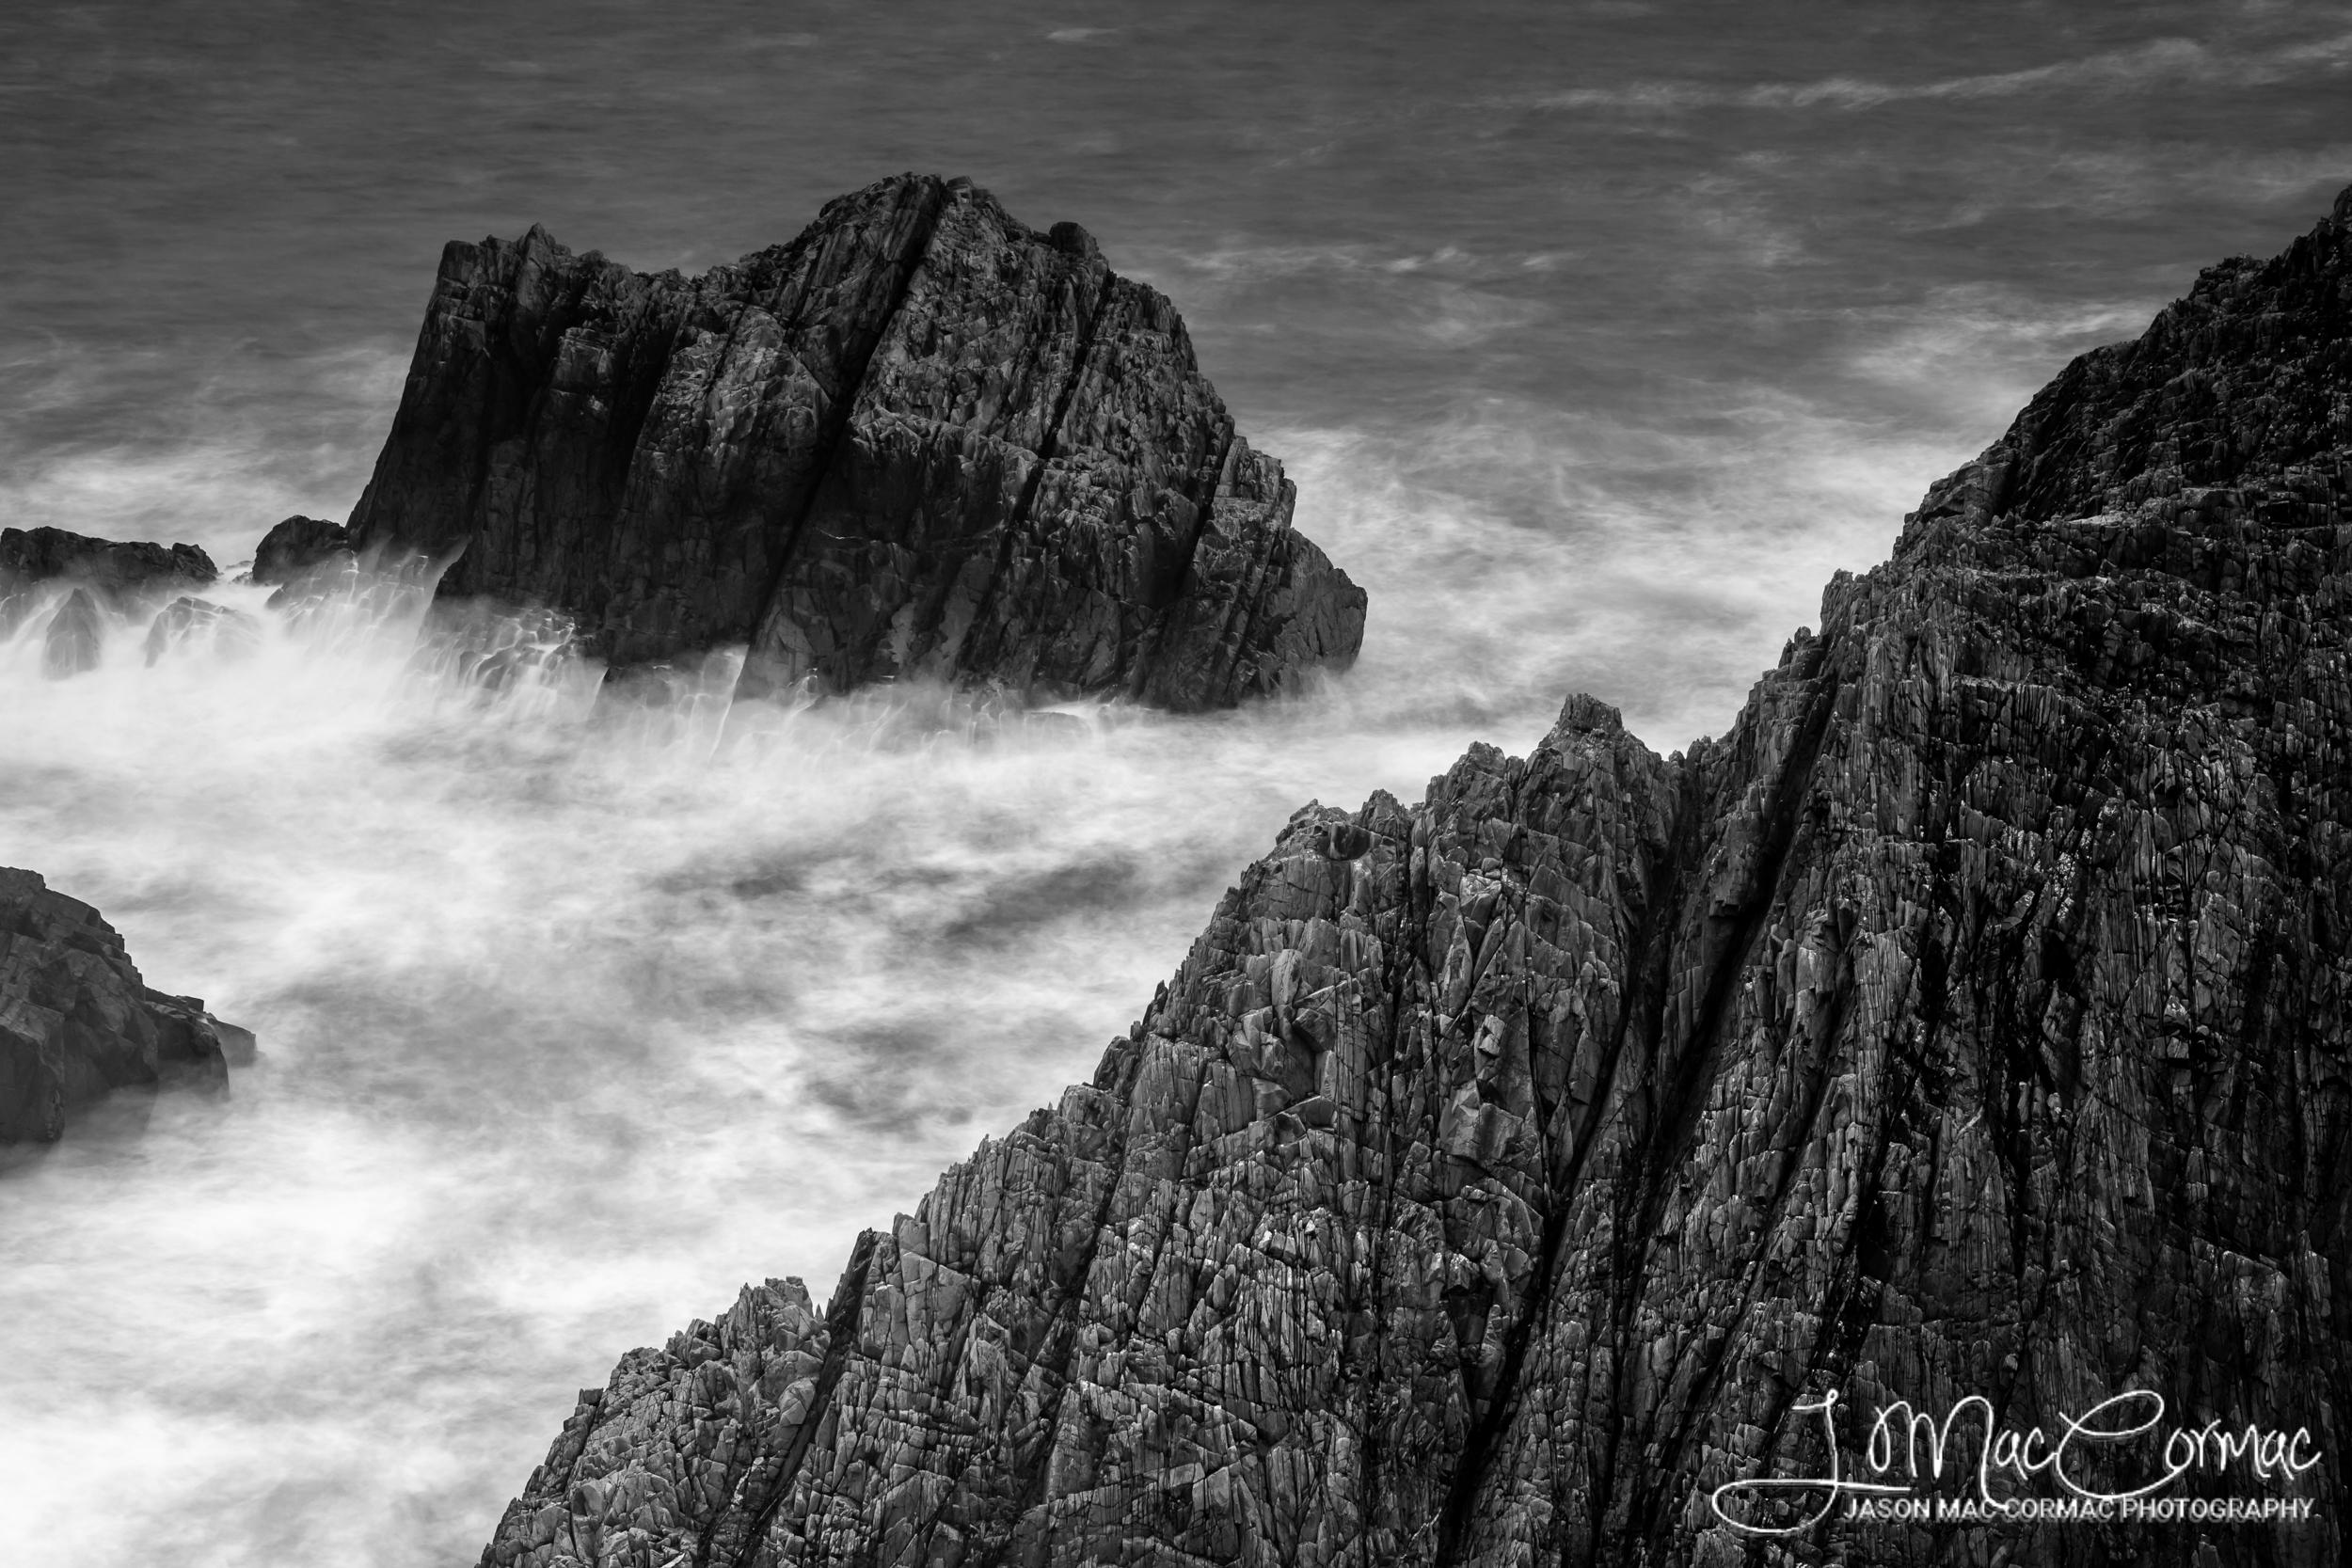 Cliffs, Donegal